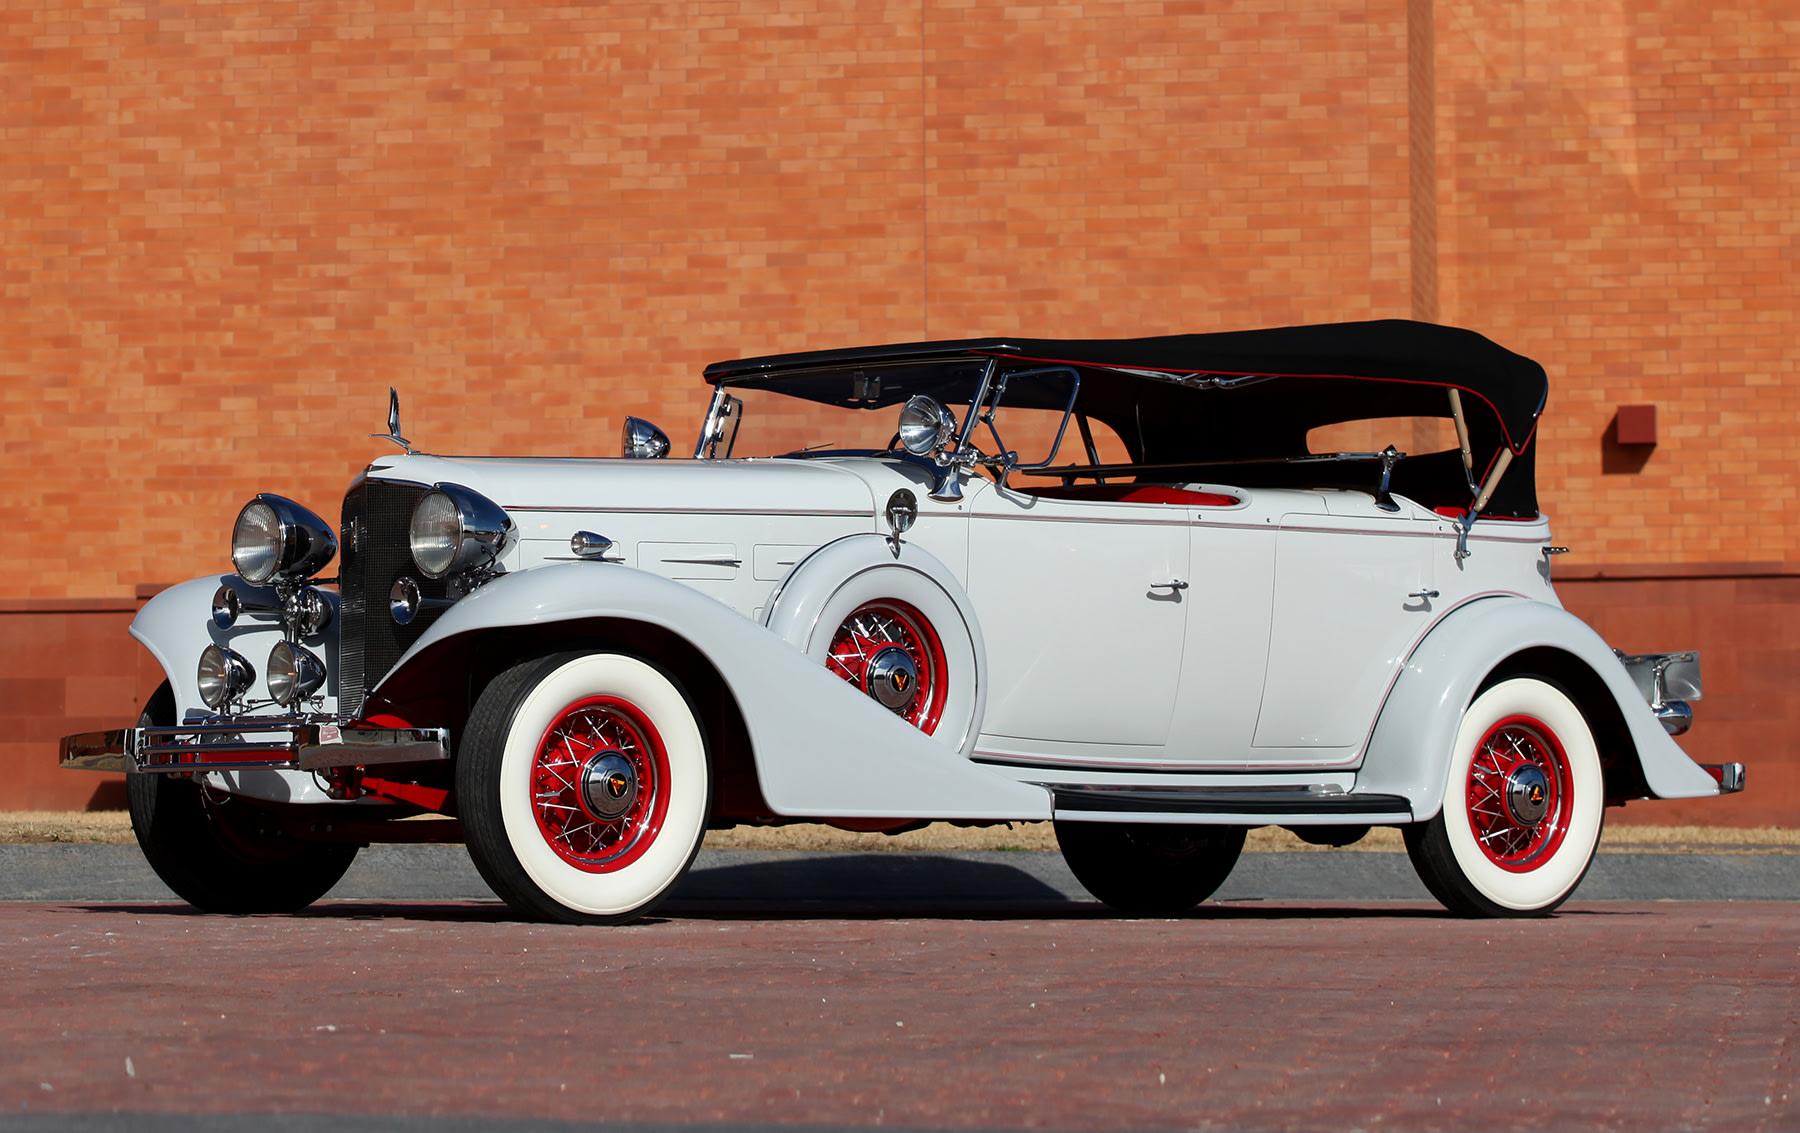 1933 Cadillac V-8 355C Dual-Cowl Phaeton